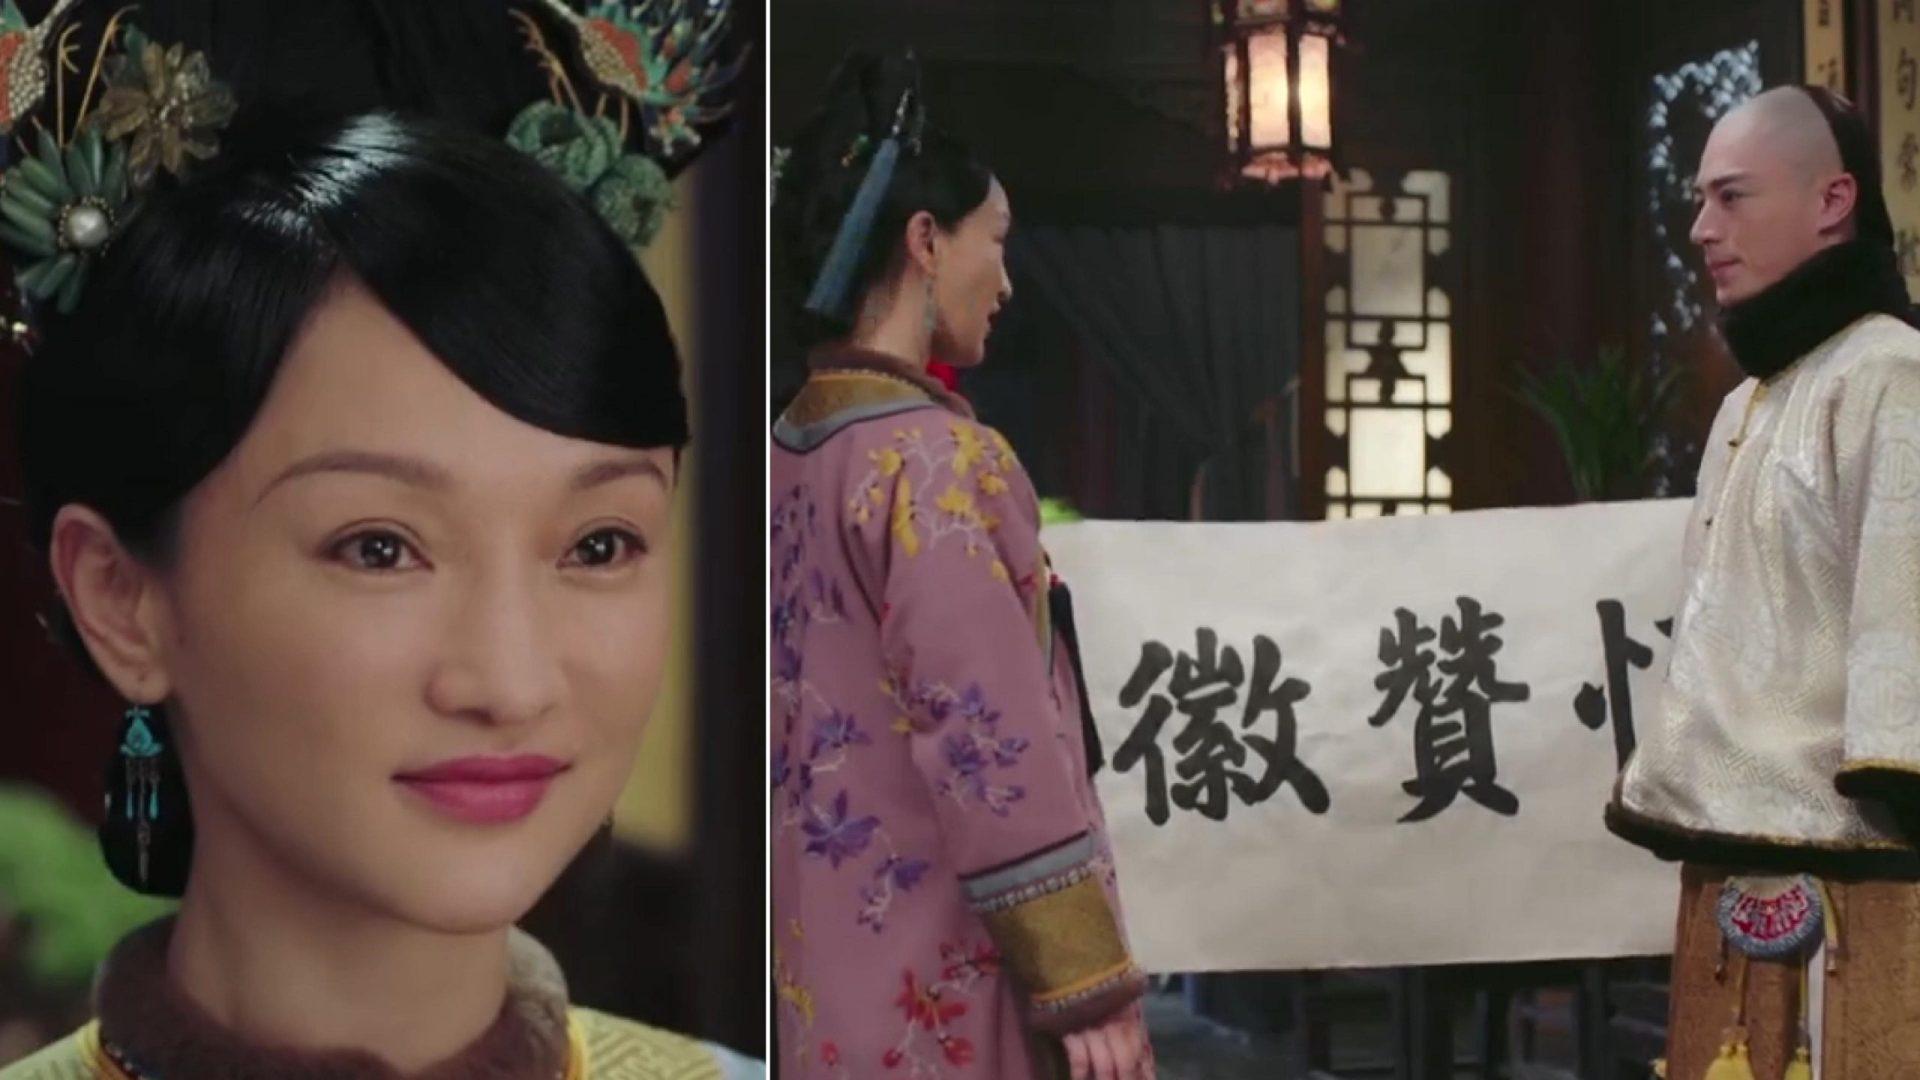 《如懿傳》皇上給後宮嬪妃的「4 字讚譽」,原來隱喻了嬪妃們的結局…. – 我們用電影寫日記